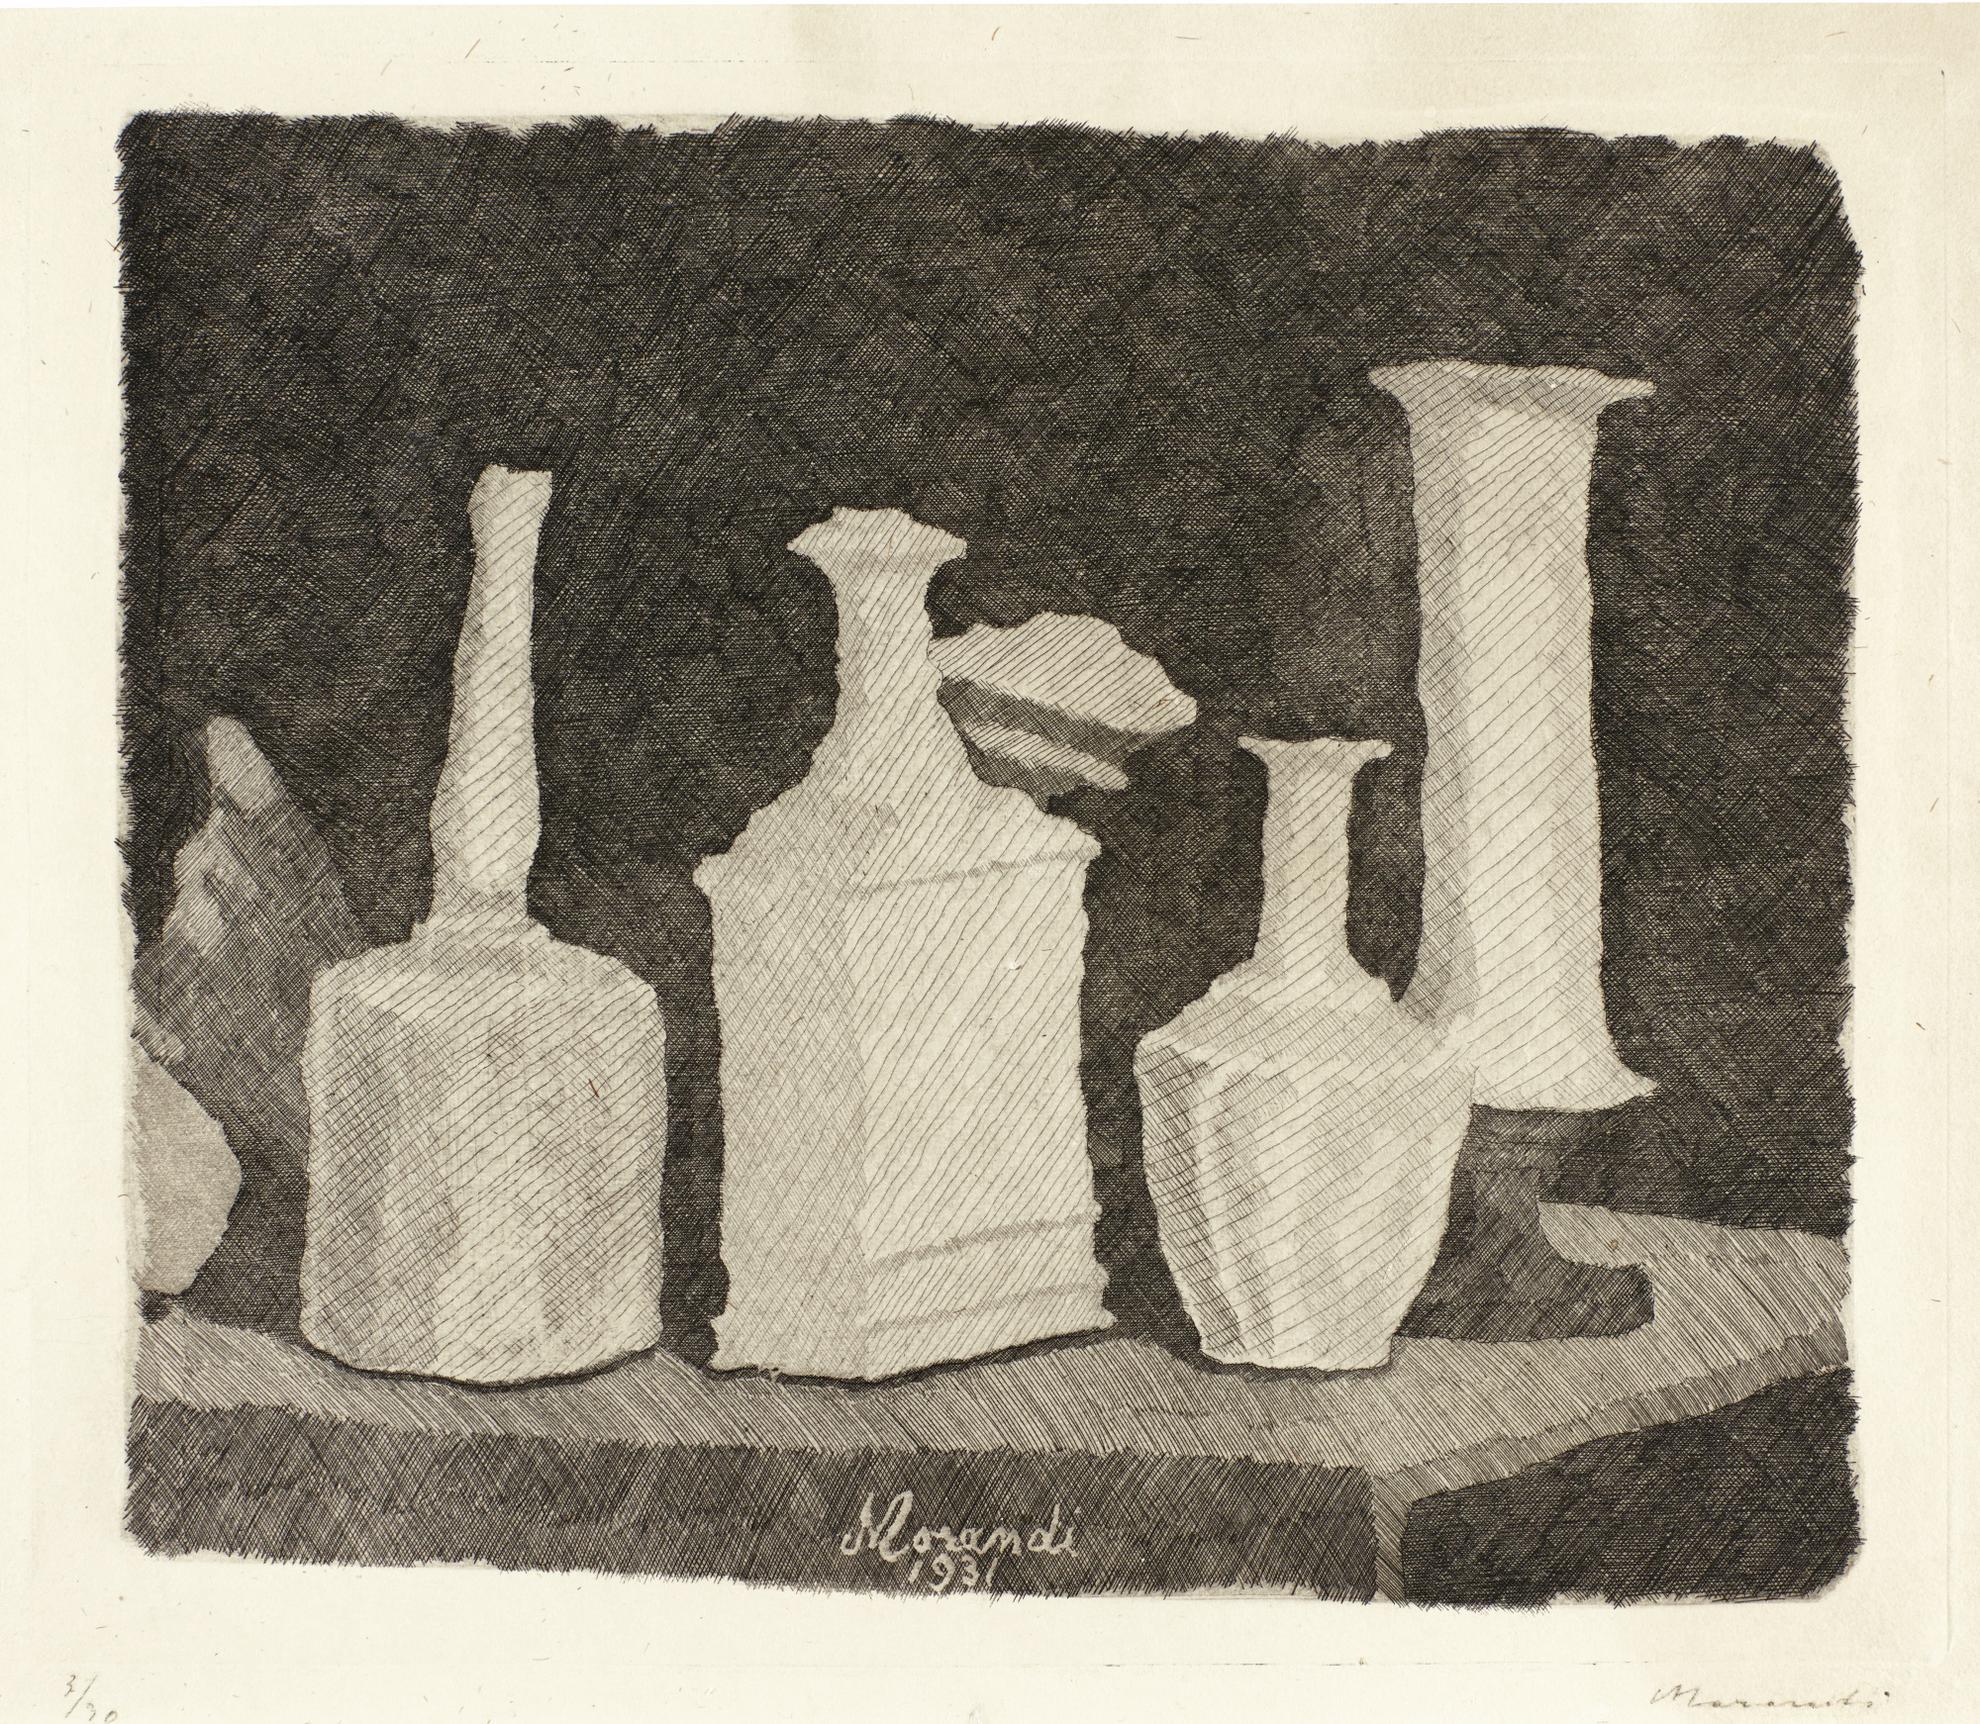 Giorgio Morandi-Natura Morta Con Oggetti Bianchi Su Fondo Scuro (V. 82)-1931